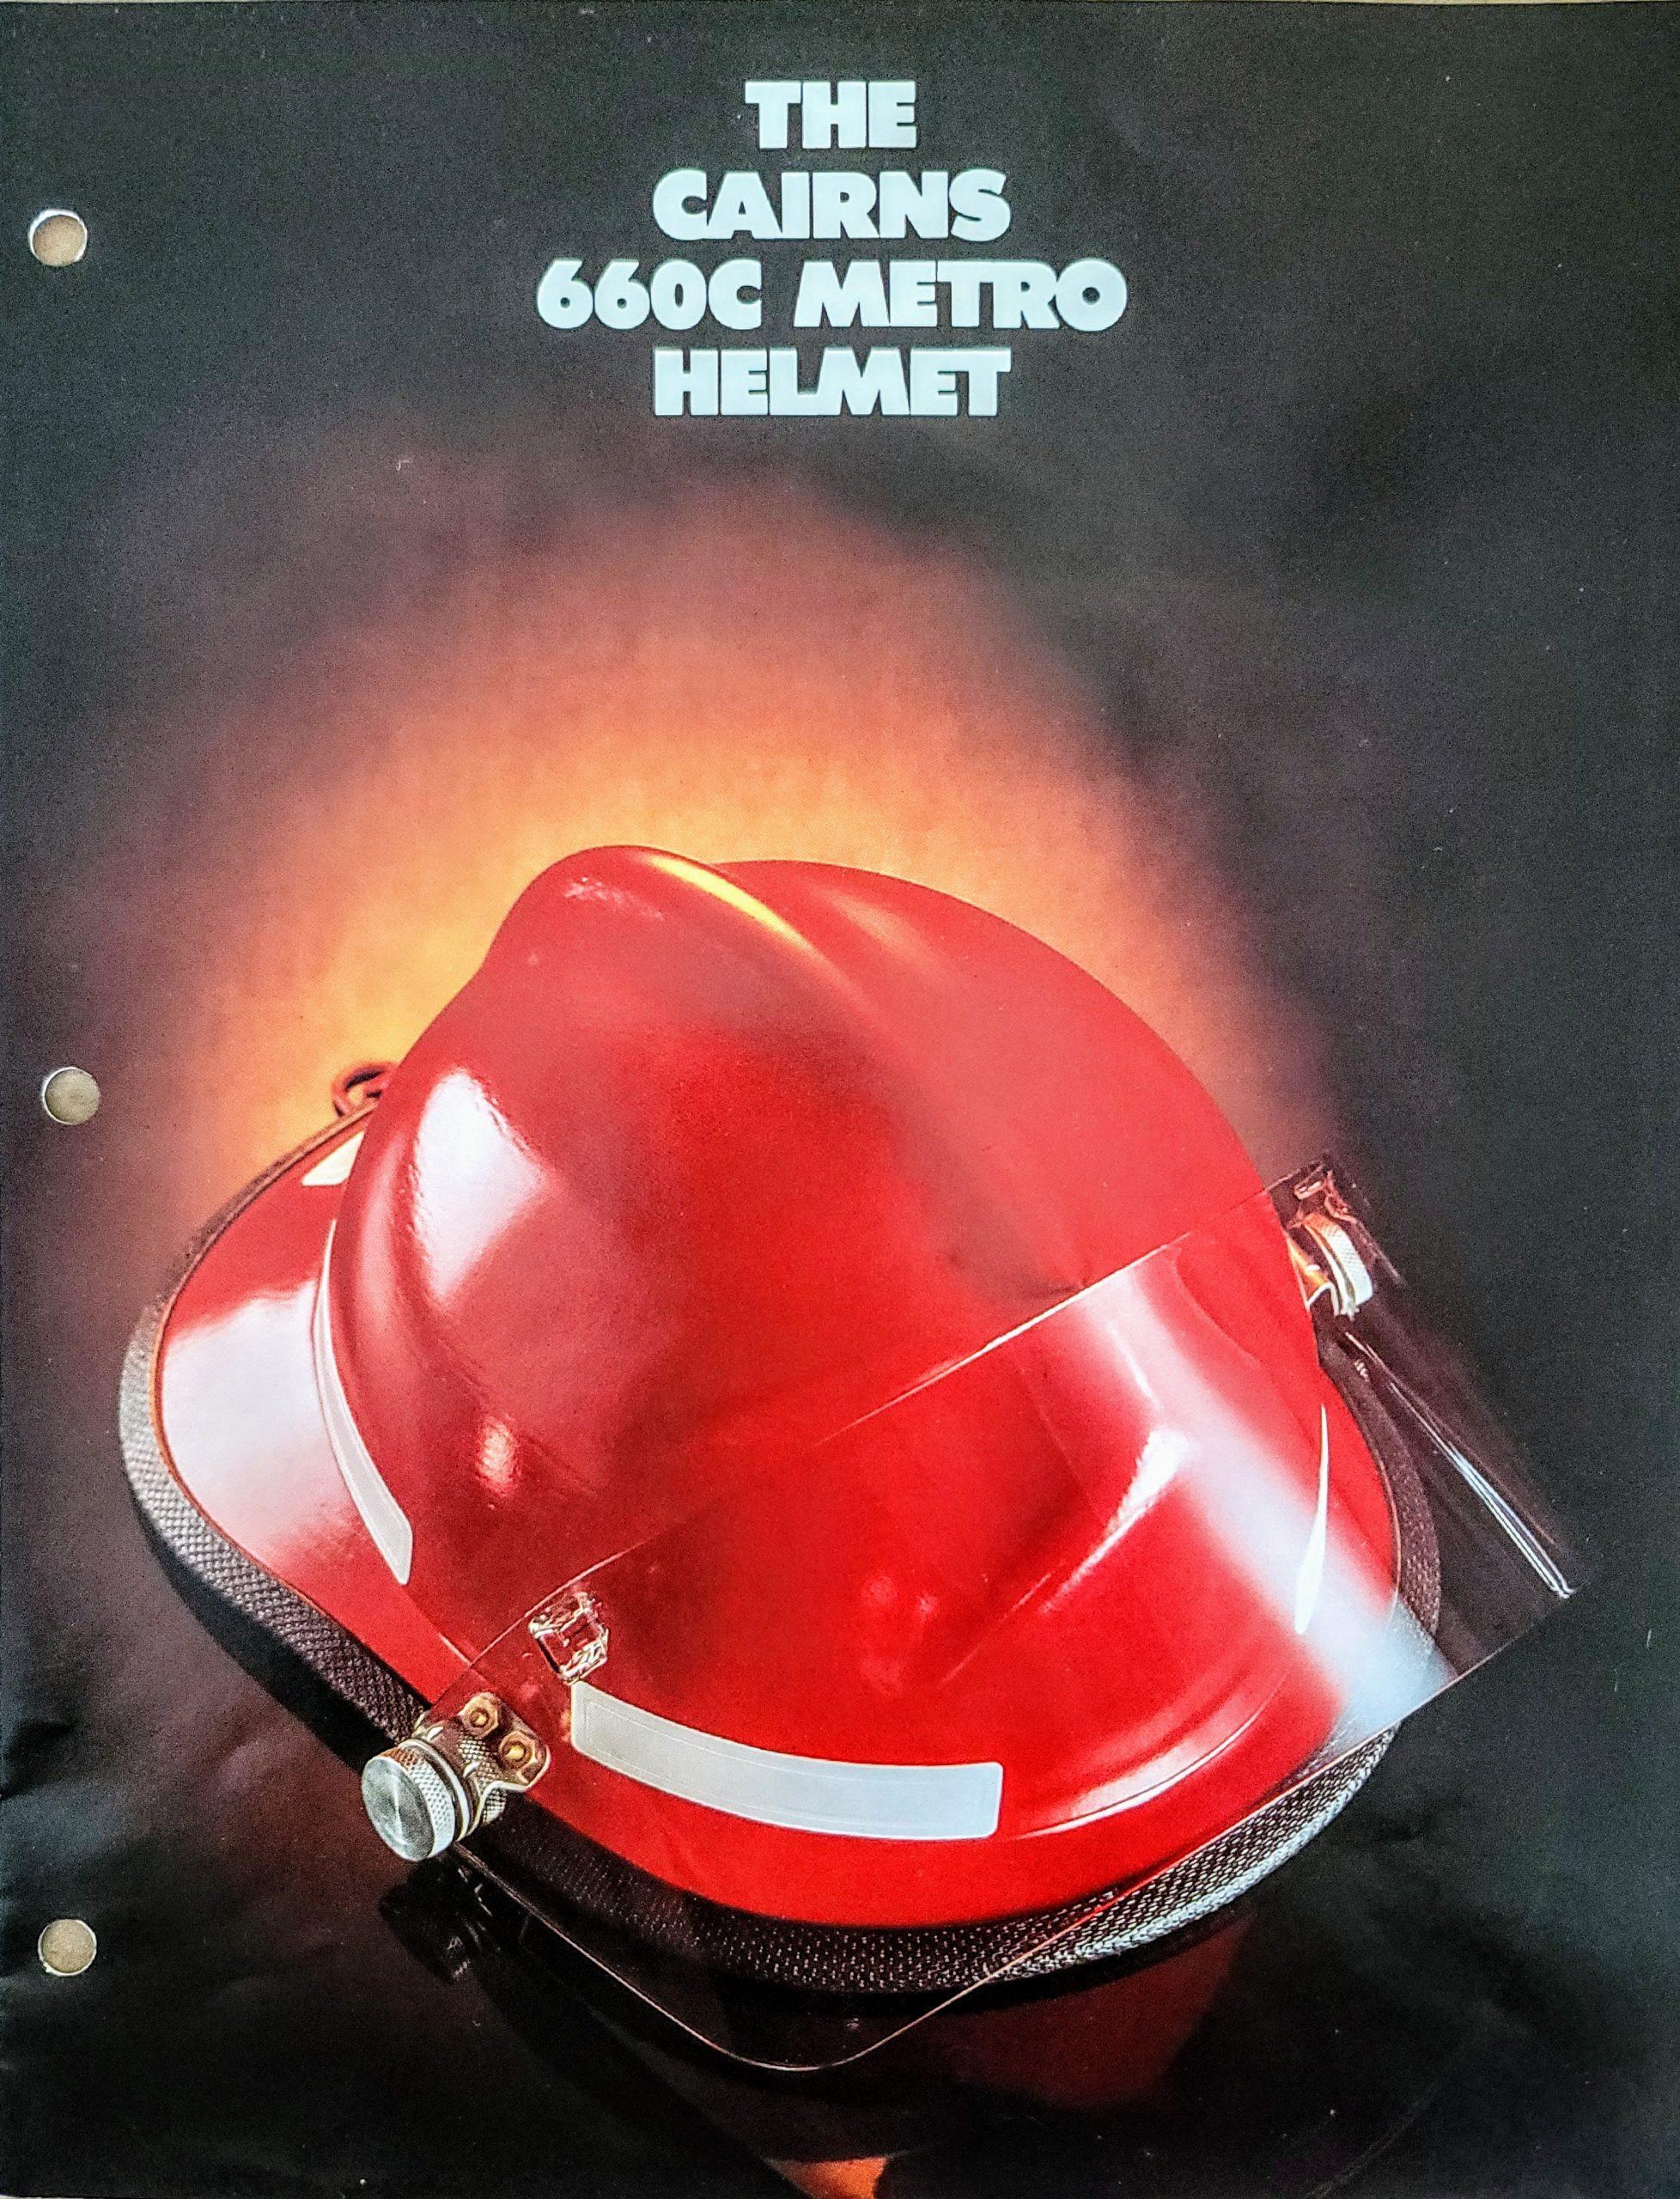 cairns_660c metro helmet_brochure_22